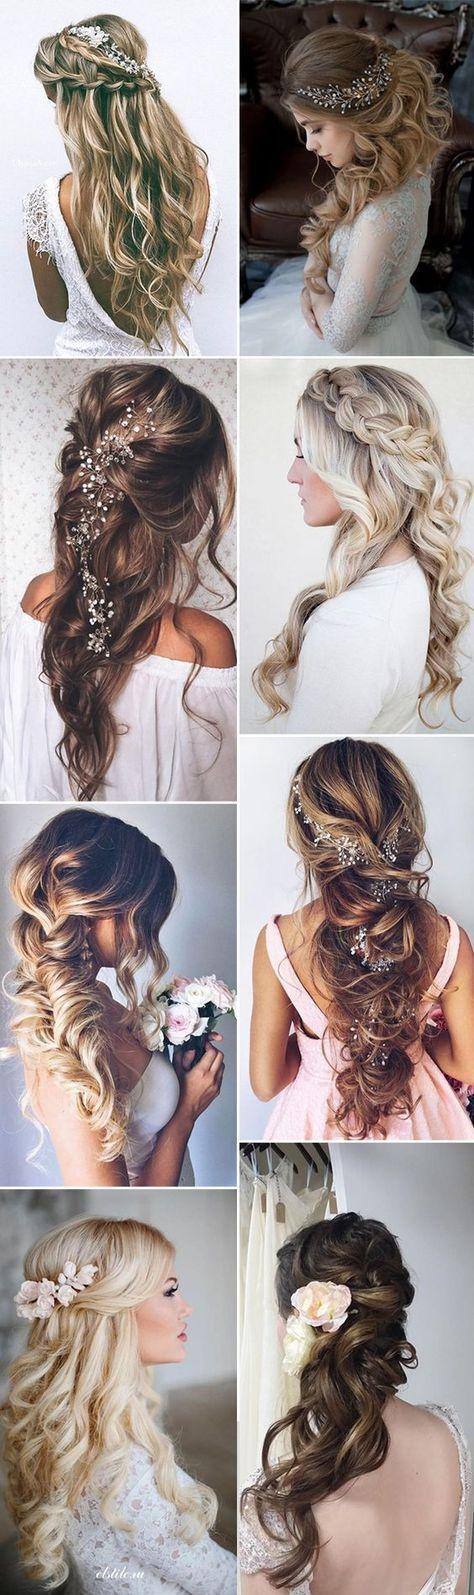 2017 neue Hochzeitsfrisuren für Bräute und Blumenmädchen – Beach wedding hair